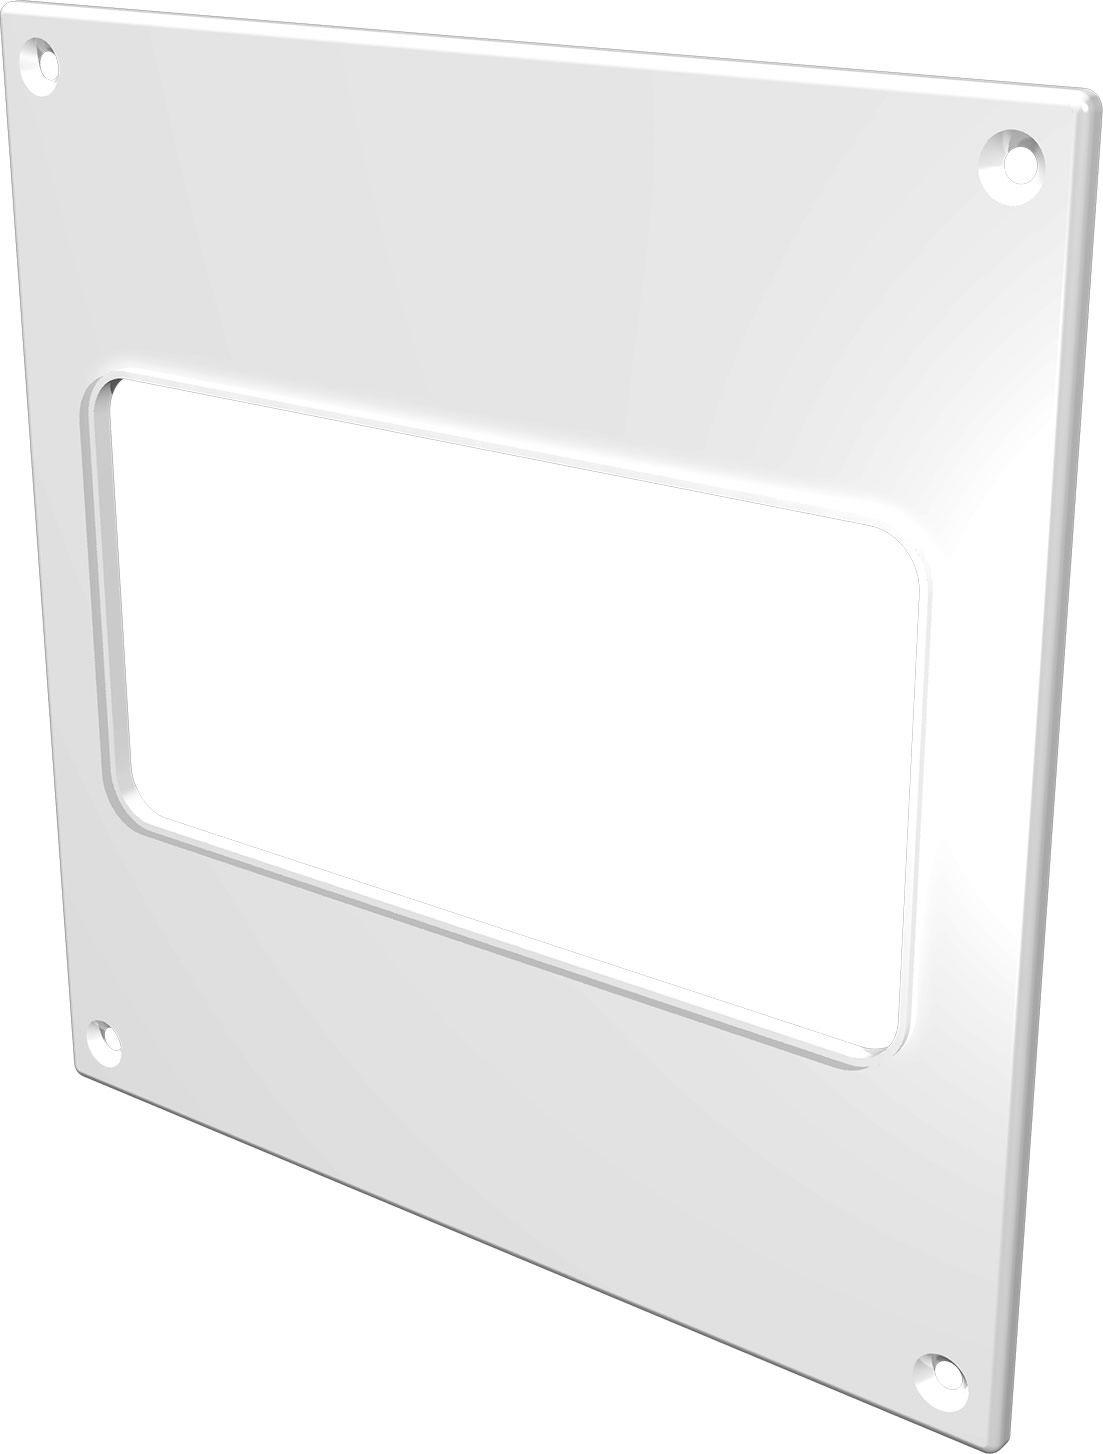 Накладка торцевая ERA, 612НПП, белый, для воздуховода 6 х 12 см накладка торцевая пластик 150х150 для воздуховода d100